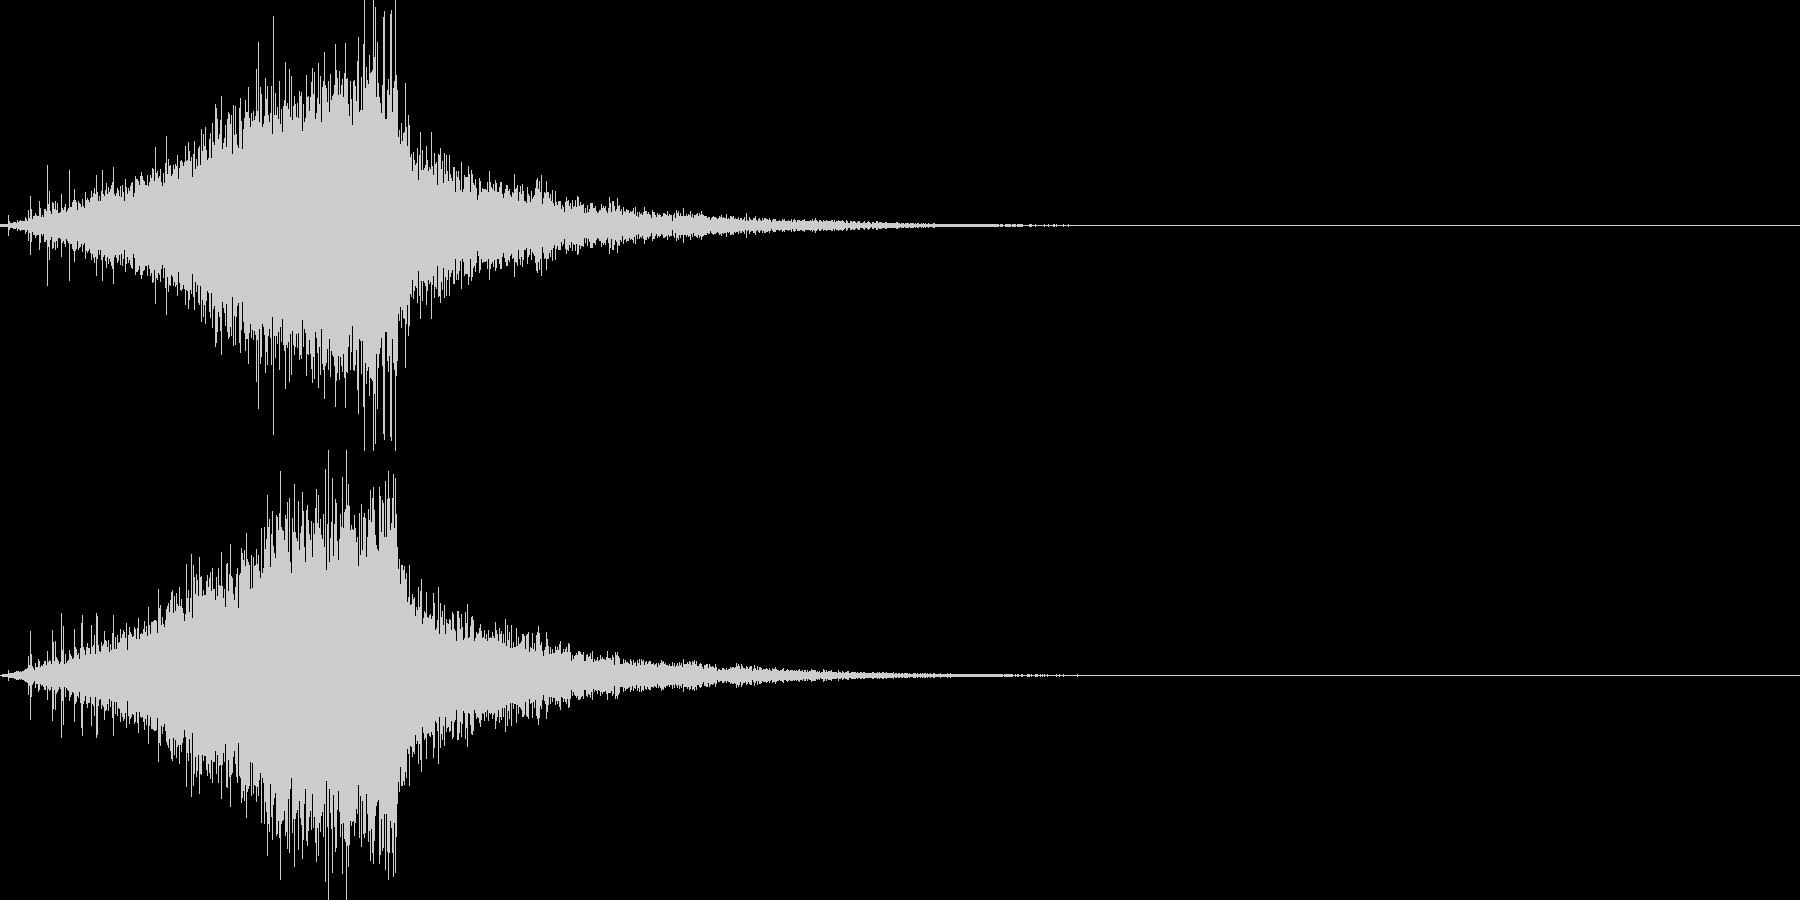 シュー(ノイズがフェードアウトする音)の未再生の波形